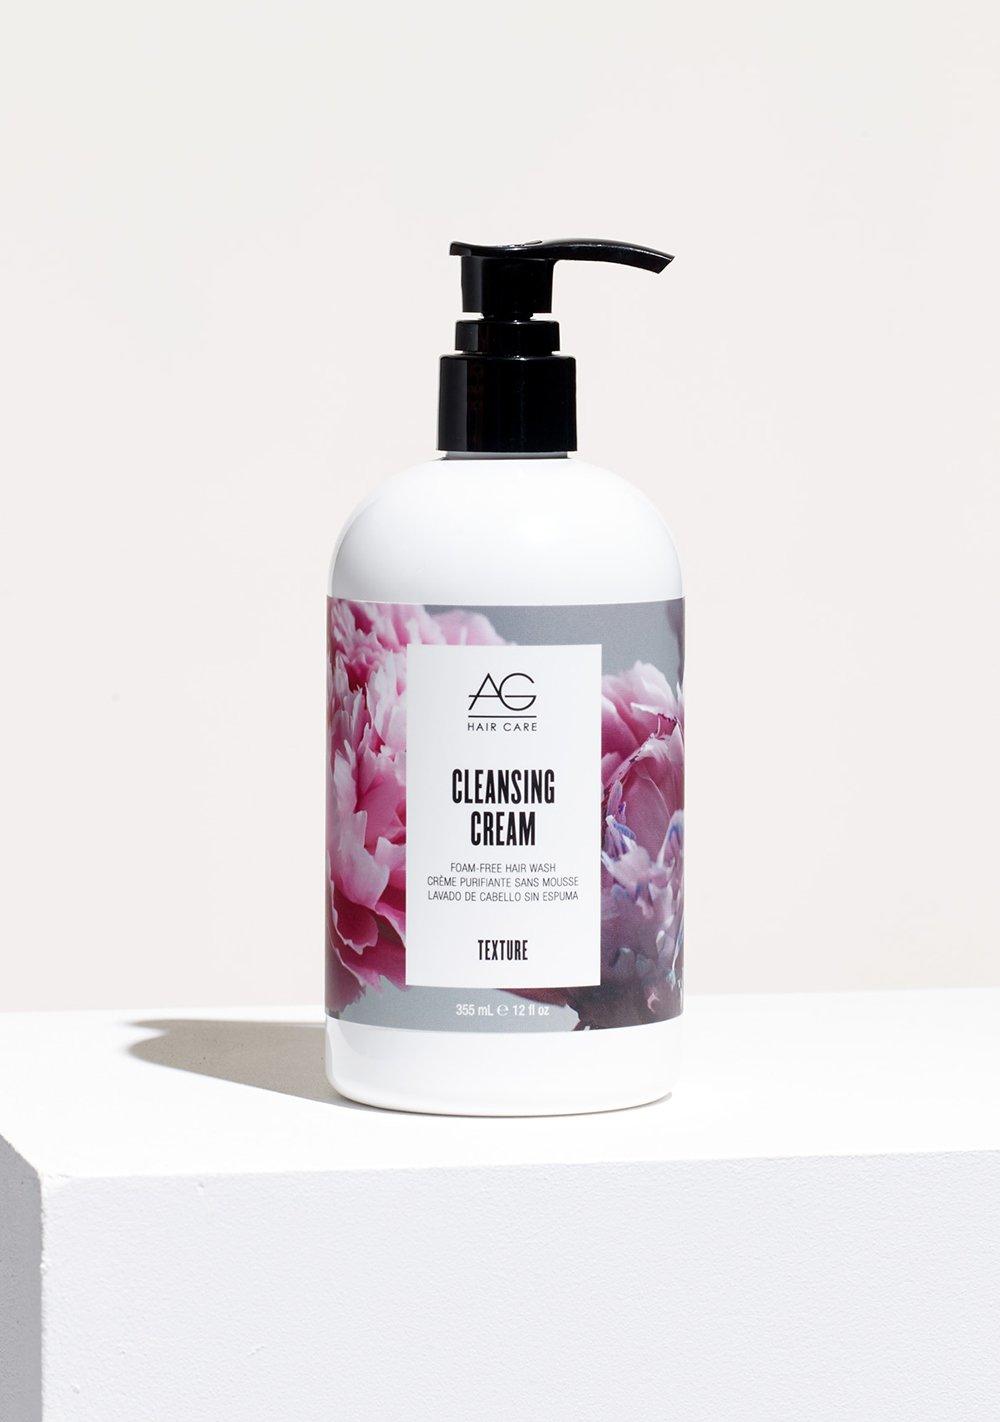 Ag Hair - CLEANSING CREAM foam-free hair wash